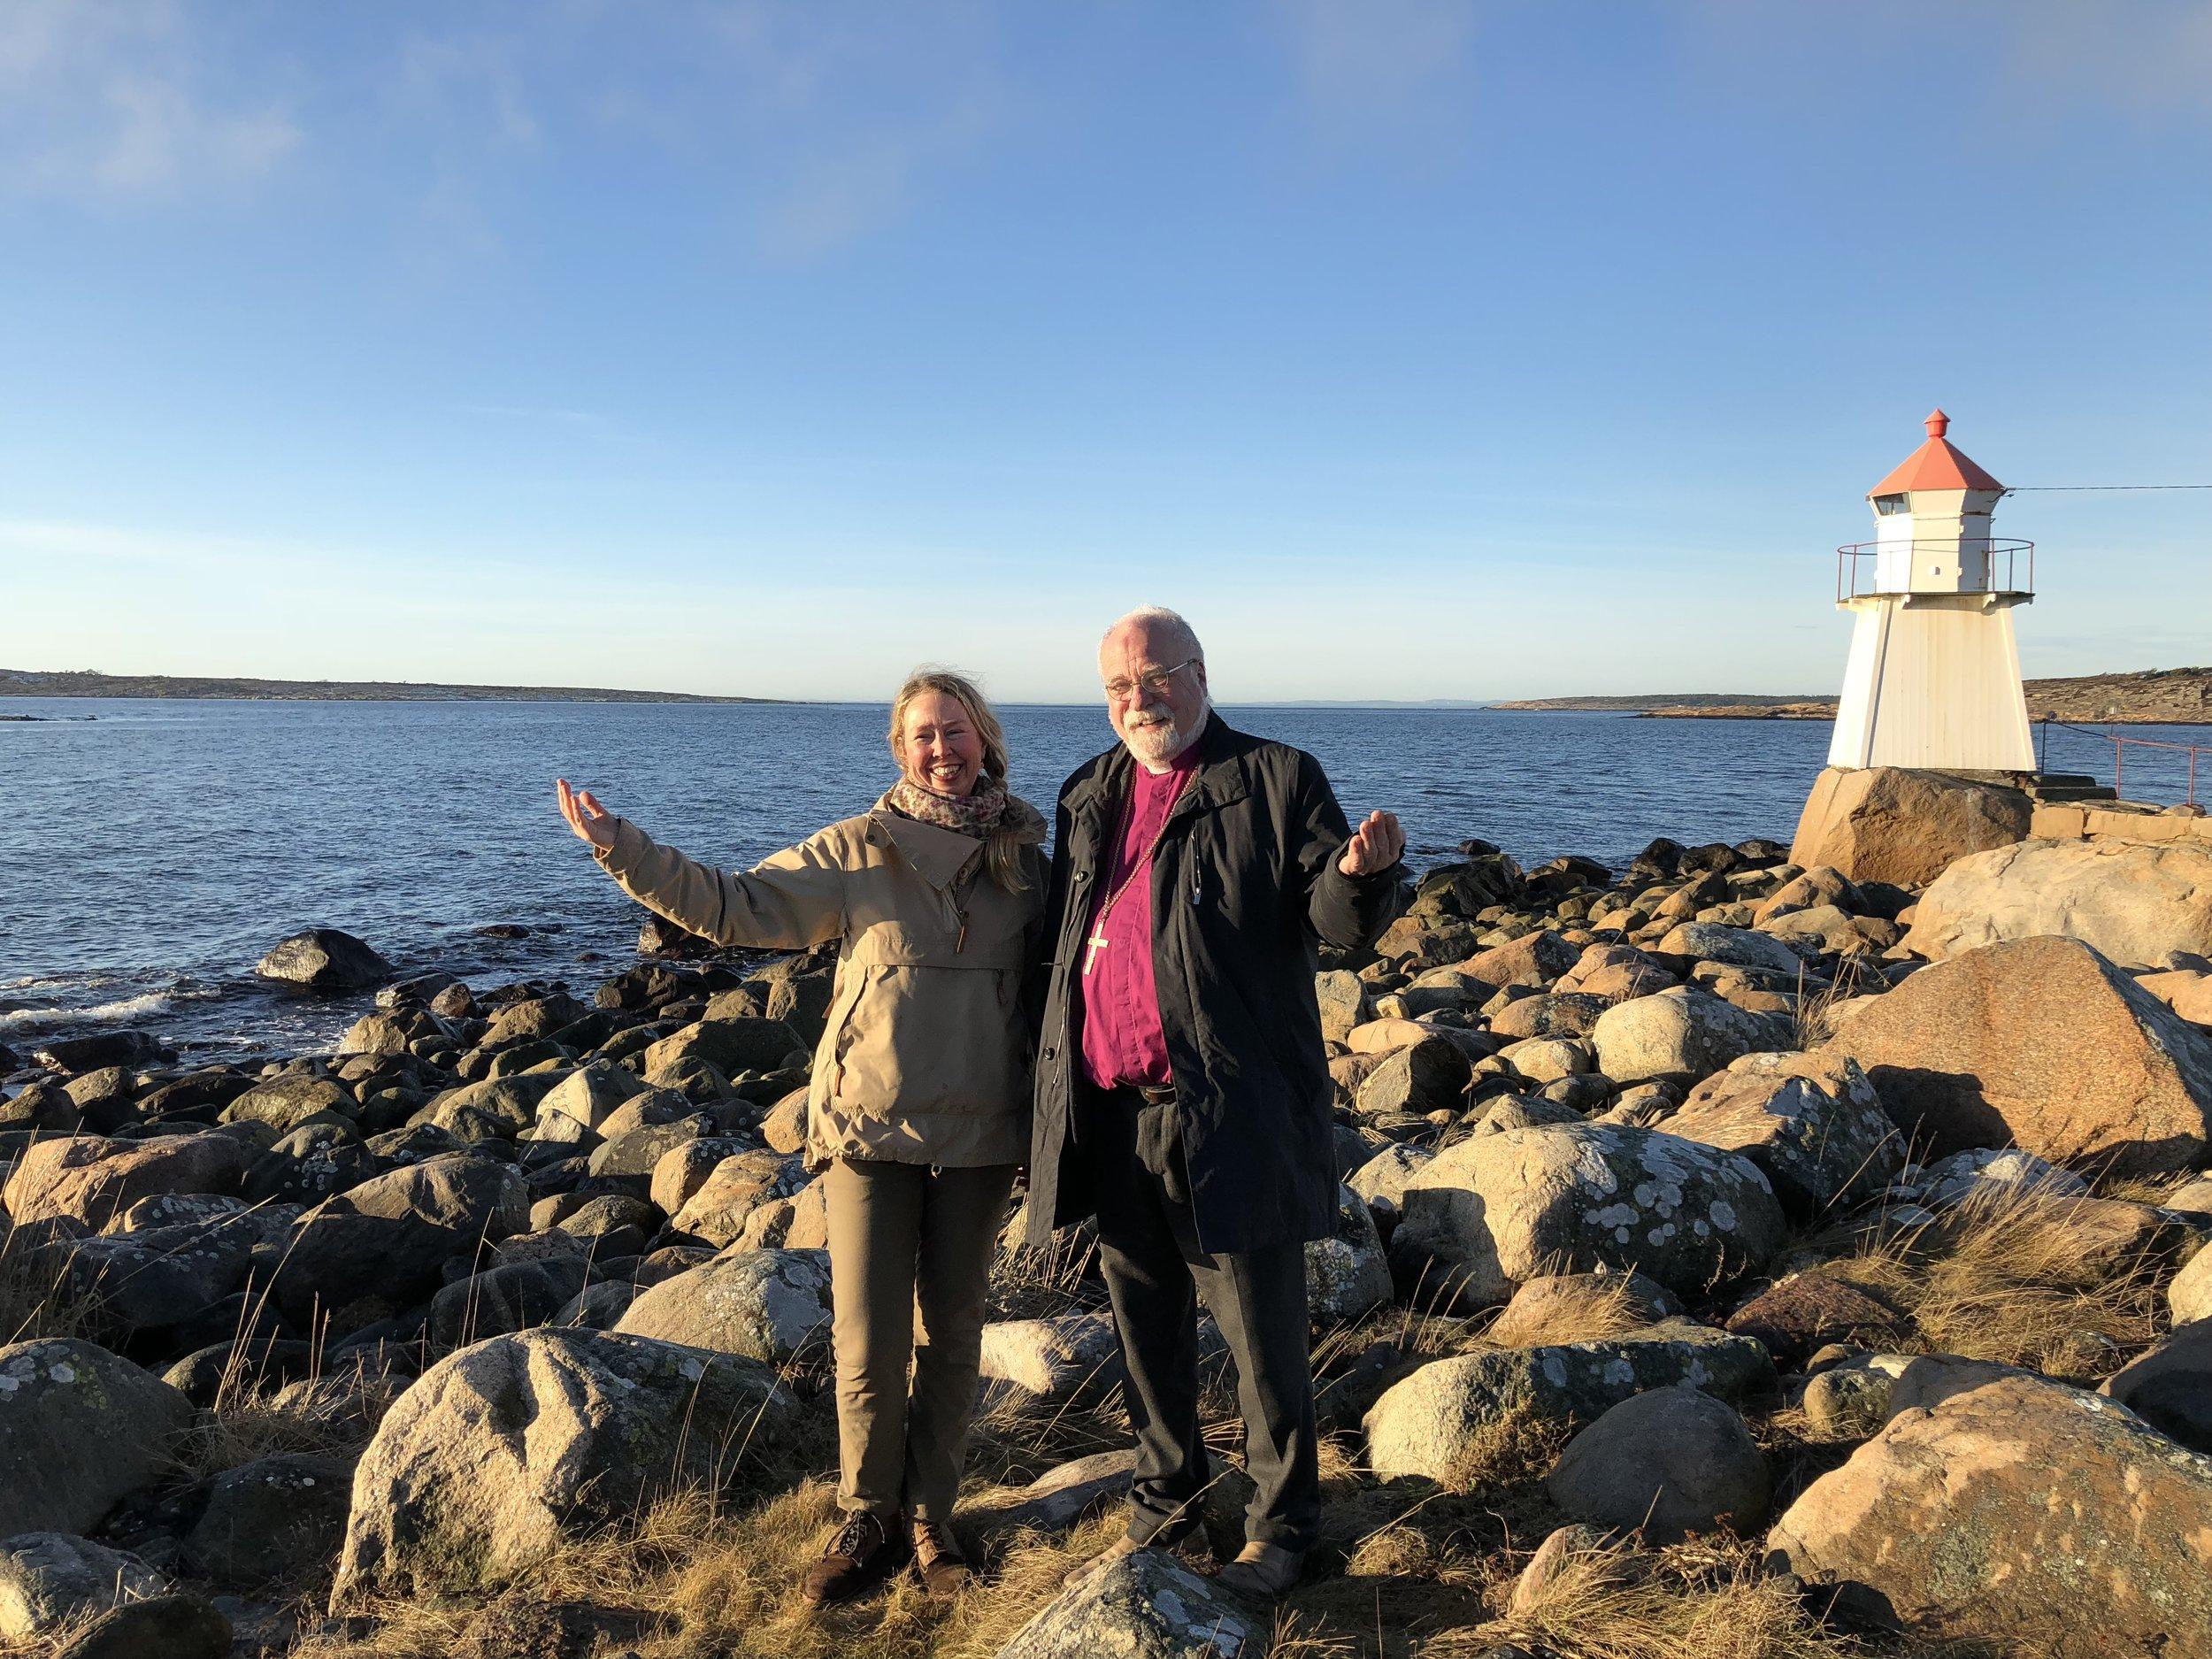 Solveig Egeland and Atle Sommerfeldt. Photo: Mari Tefre